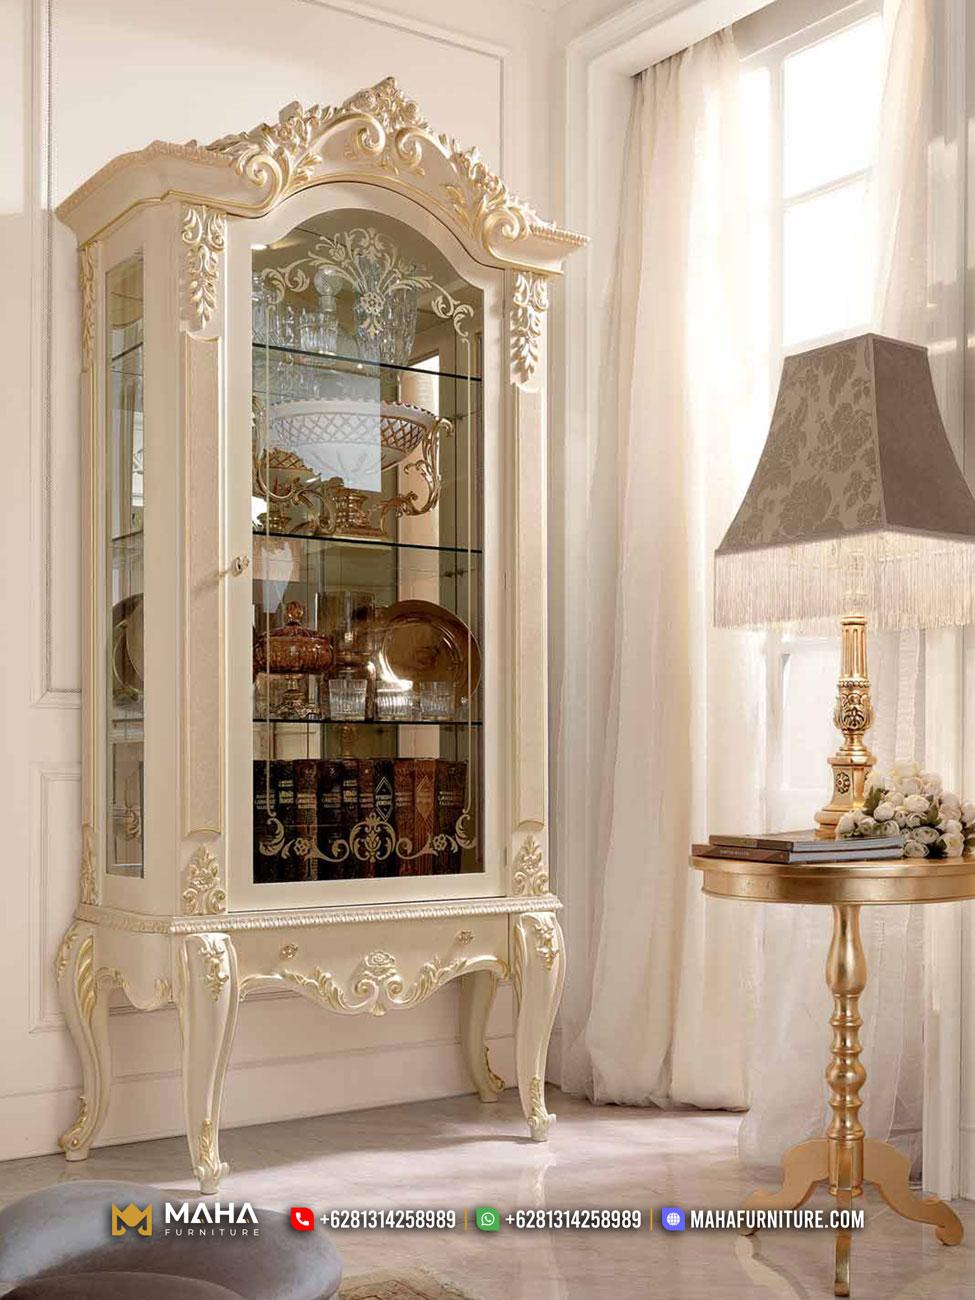 Jual Lemari Hias Mewah Klasik Jepara Duco White Beautiful MF189